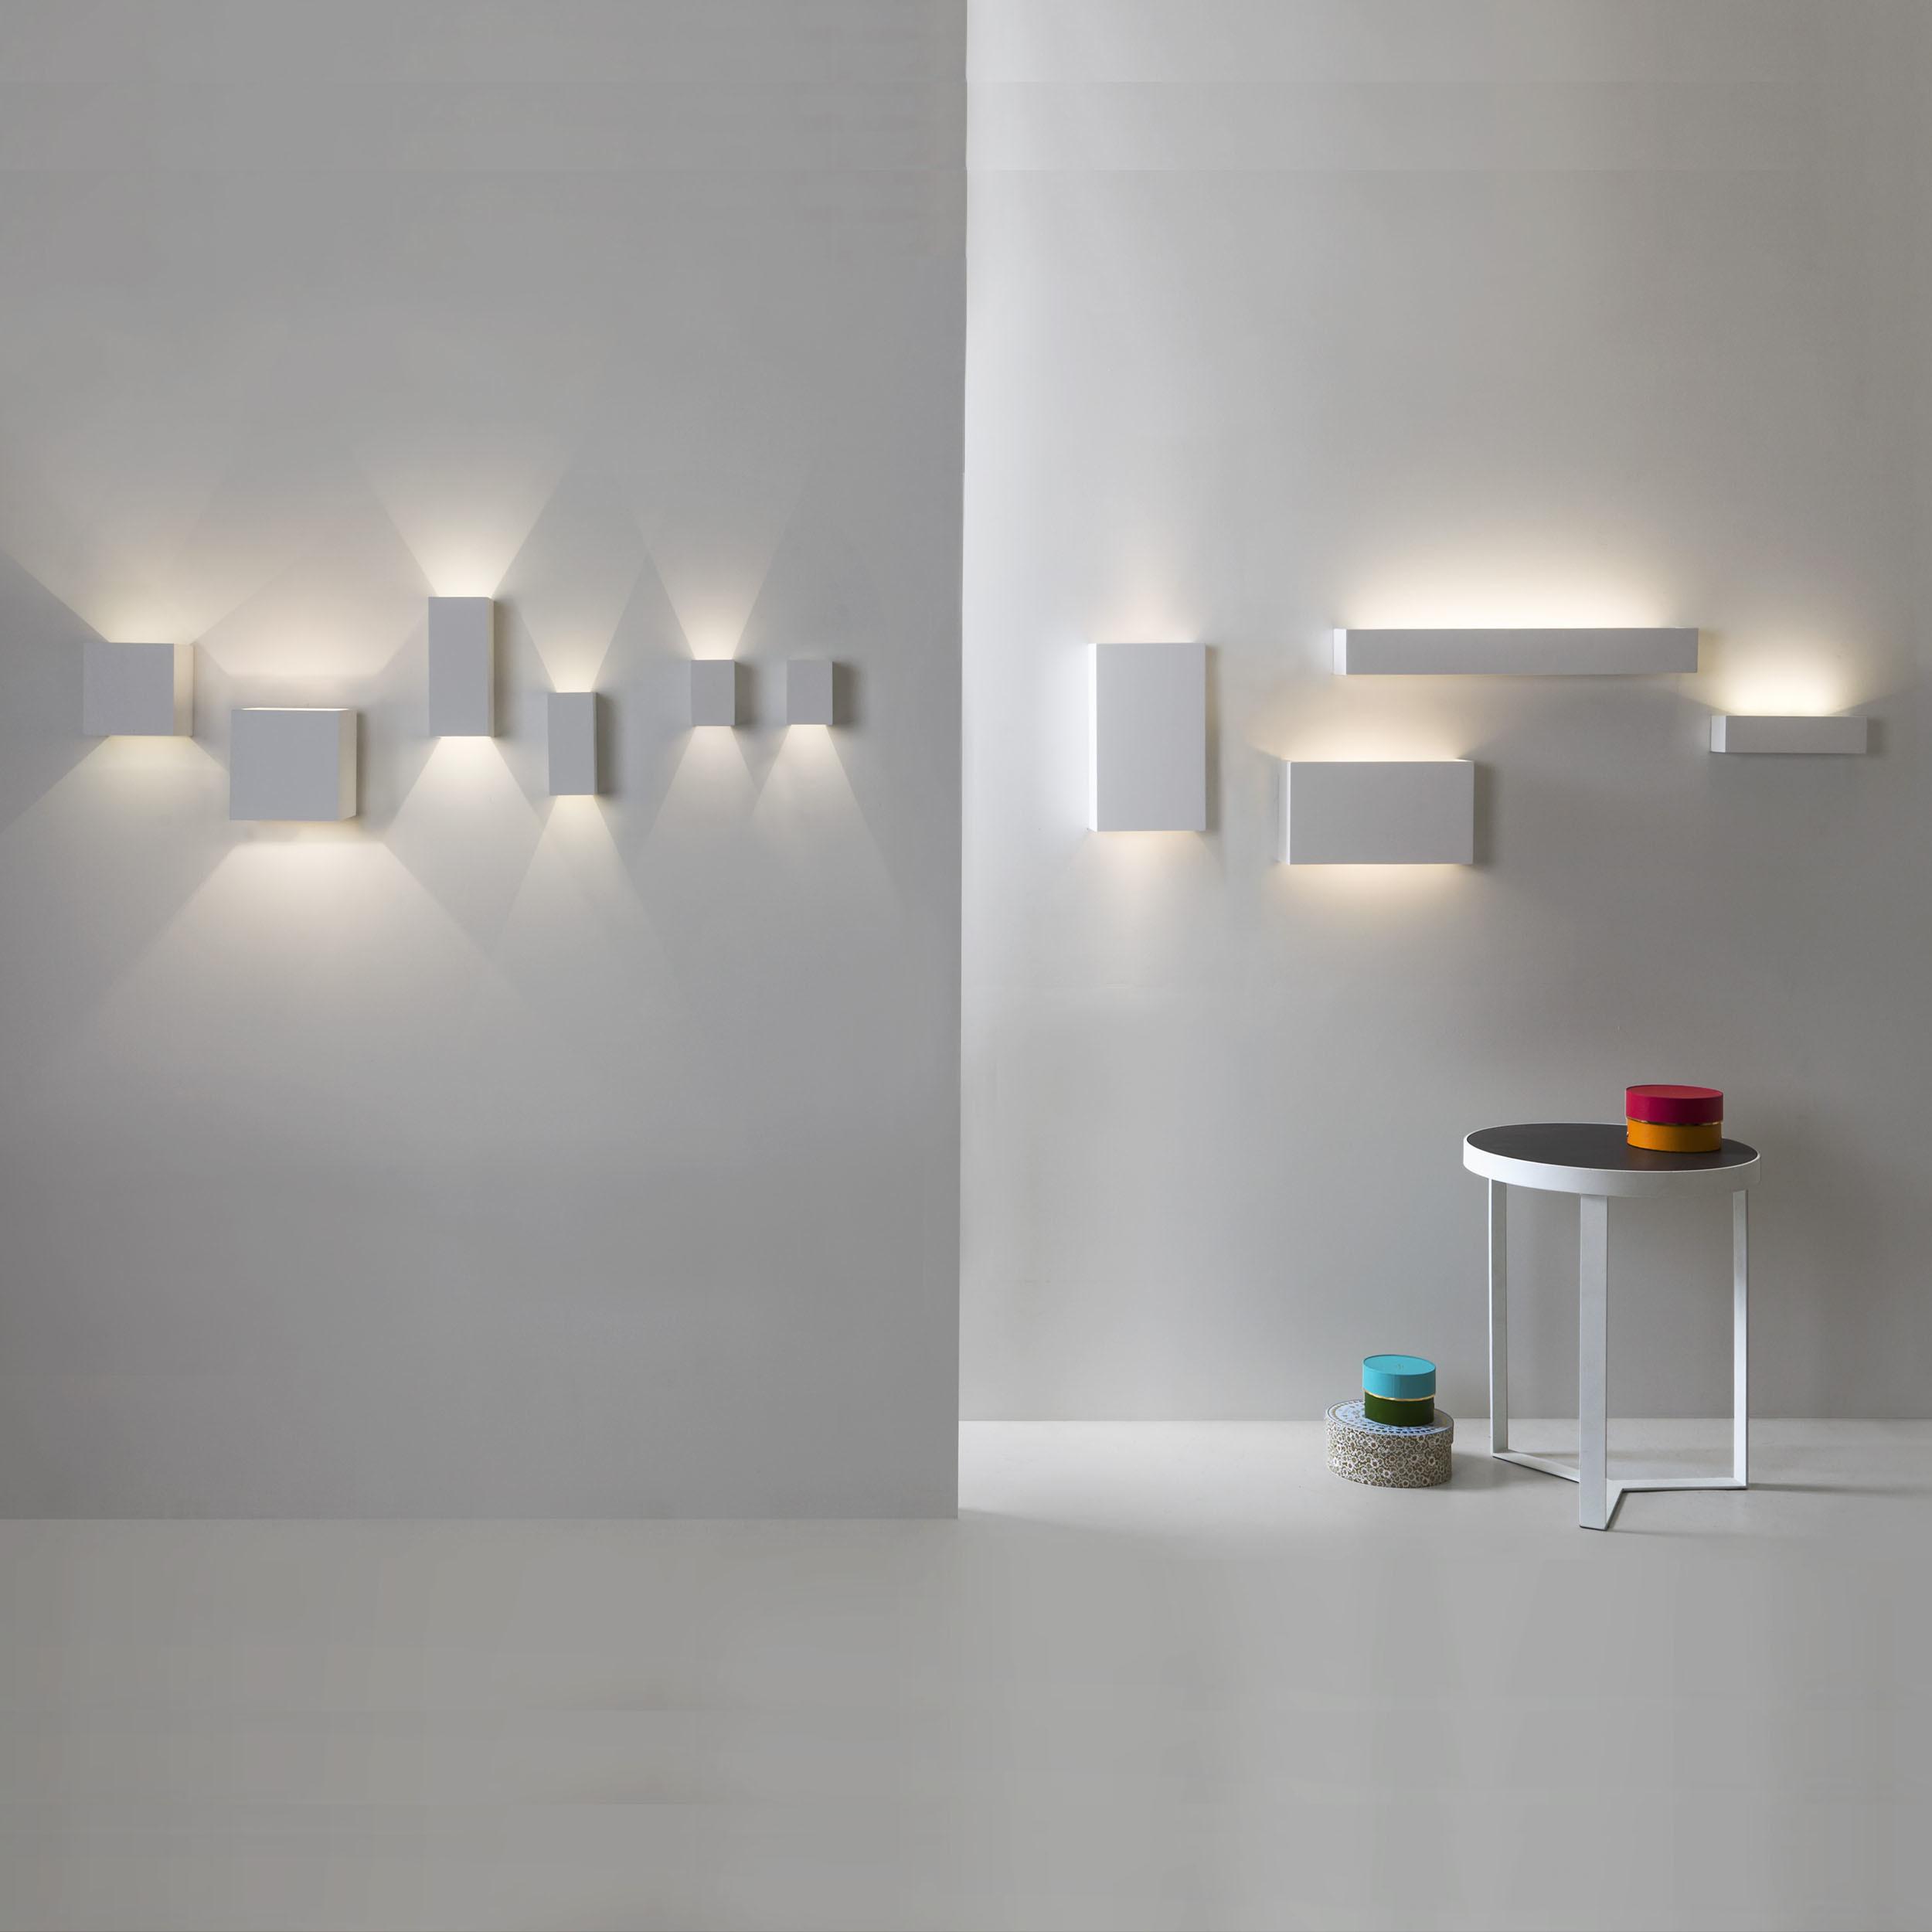 Настенный светильник Astro Mosto 1173001 (813), 1xG9x40W, белый, под покраску, гипс - фото 3